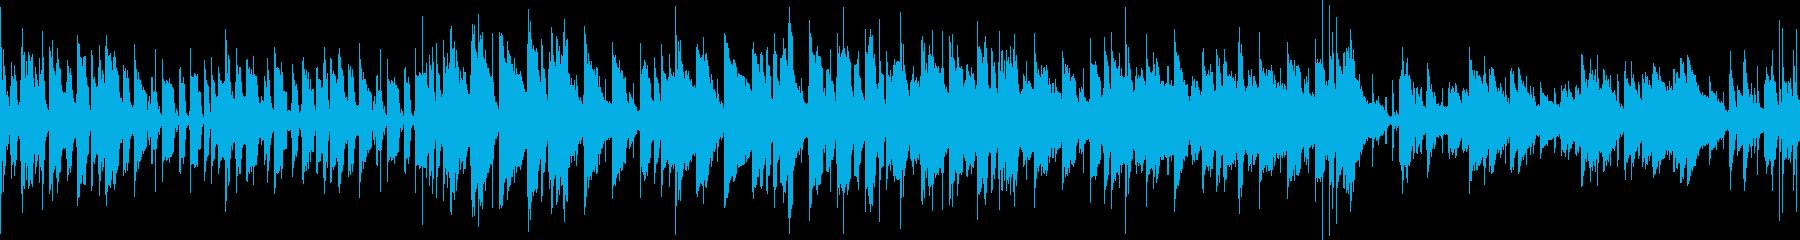 怪しげな雰囲気のインド音楽_ループverの再生済みの波形